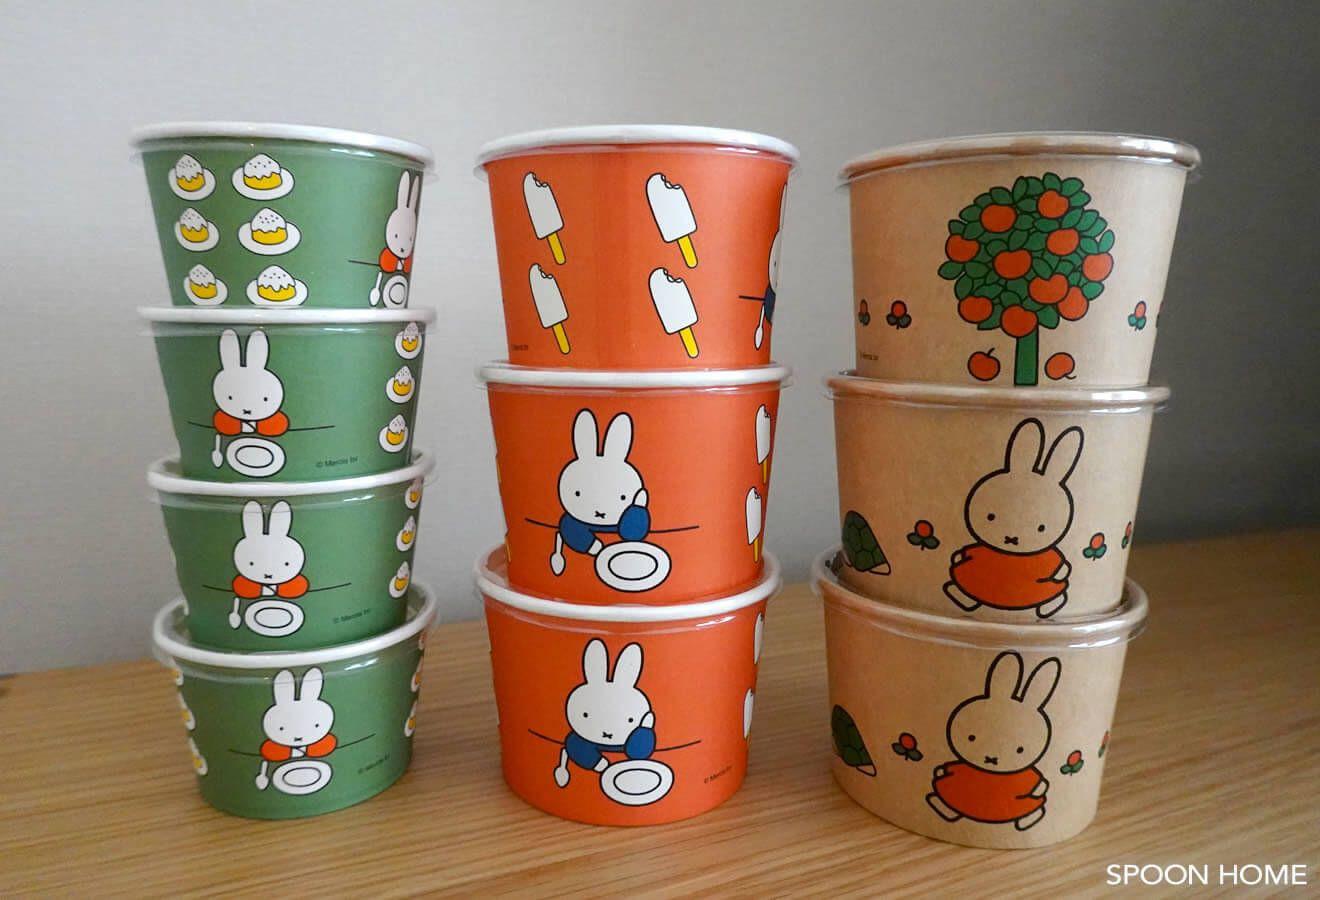 紙皿やアルミホイルが可愛い ダイソーのミッフィーコラボ商品と店舗在庫について ダイソー 紙 皿 ミッフィ